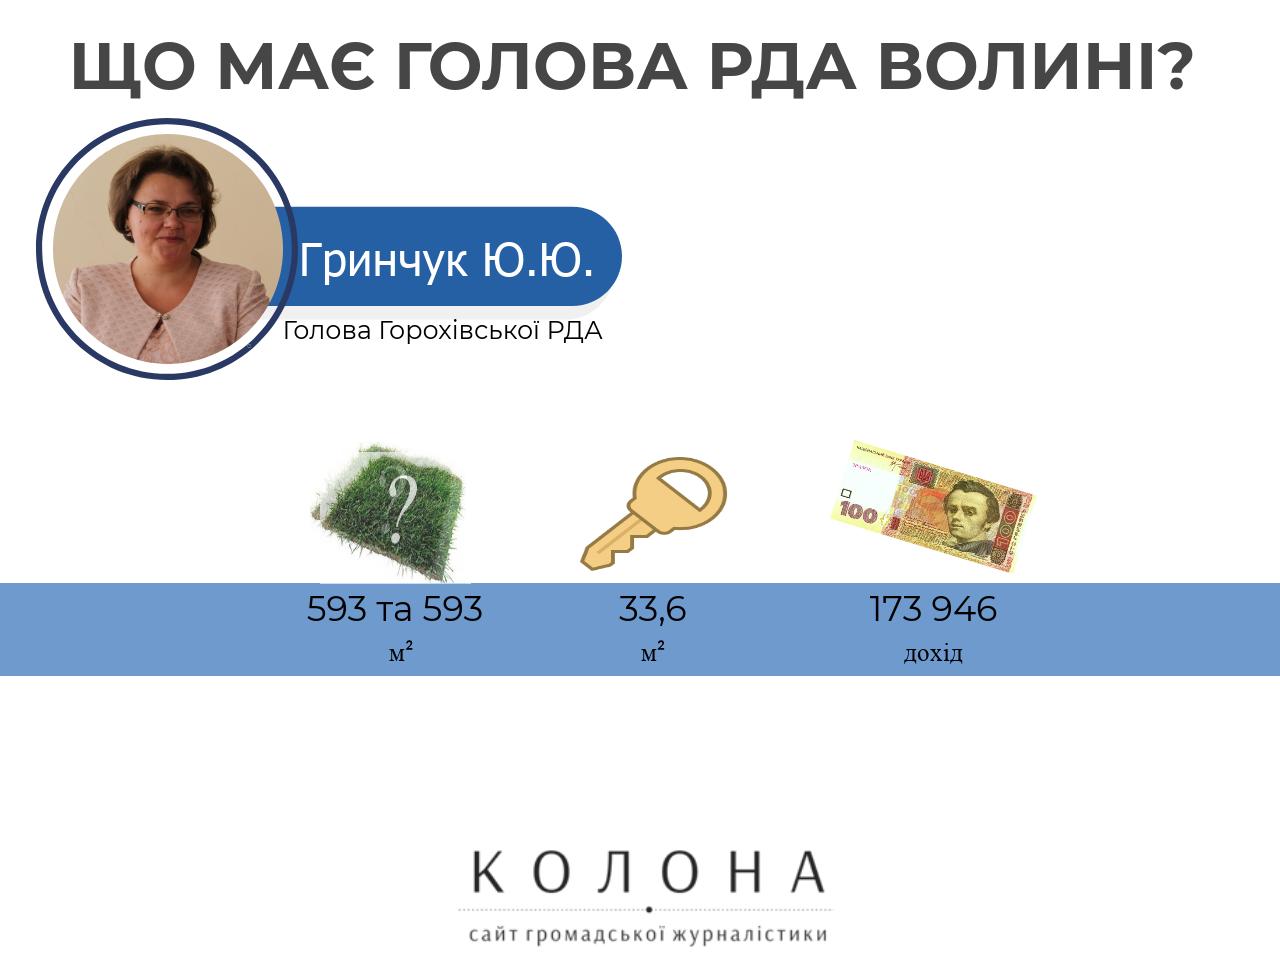 Юлія Гринчук